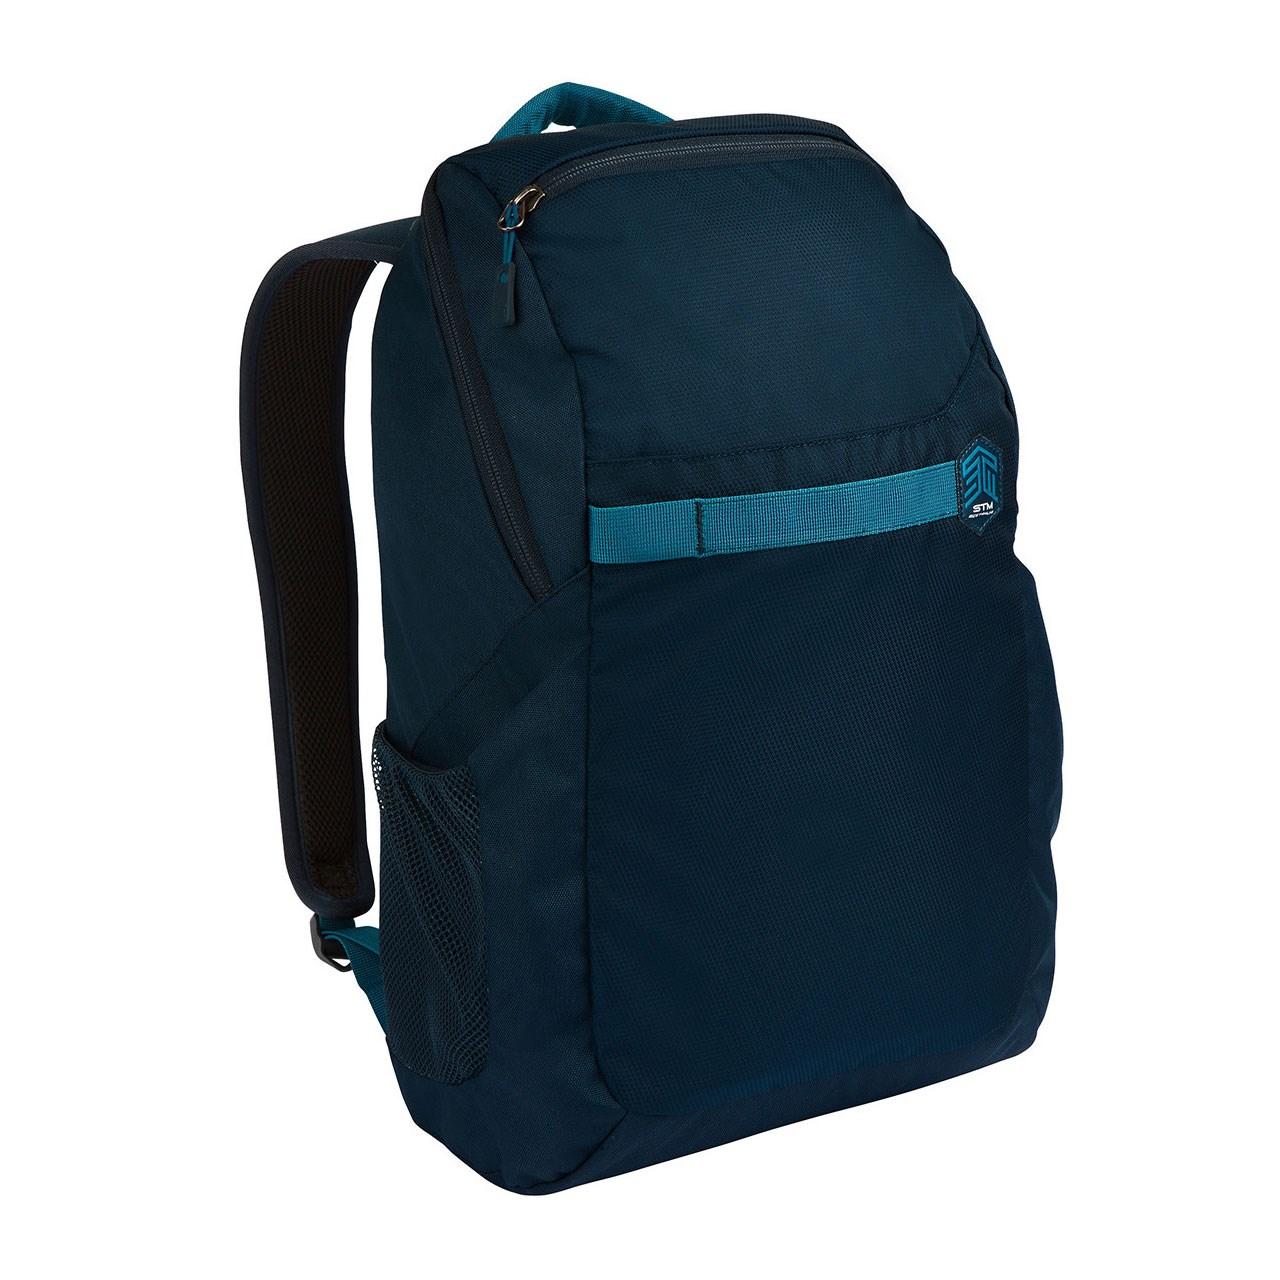 کوله پشتی لپ تاپ اس تی ام مدل SAGA مناسب برای لپ تاپ 13و15 اینچی